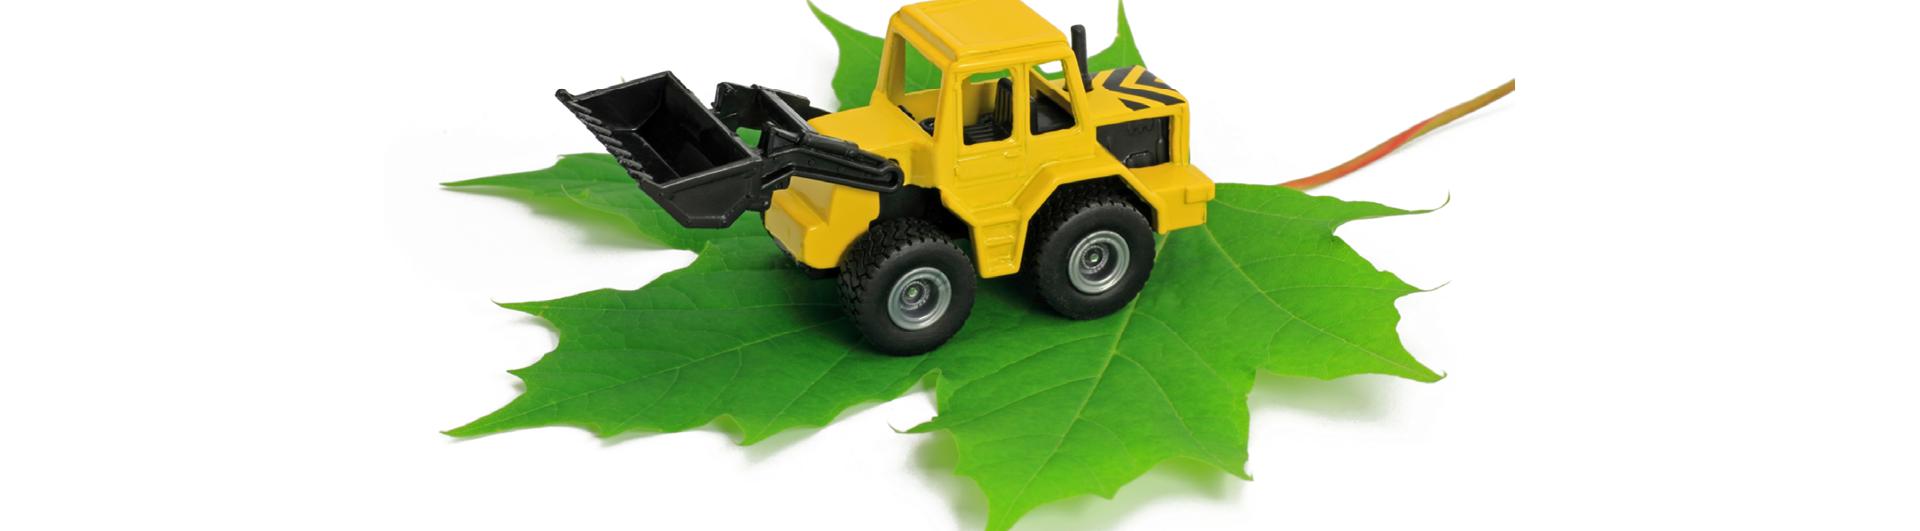 Umweltfreundliche Baumaschinen